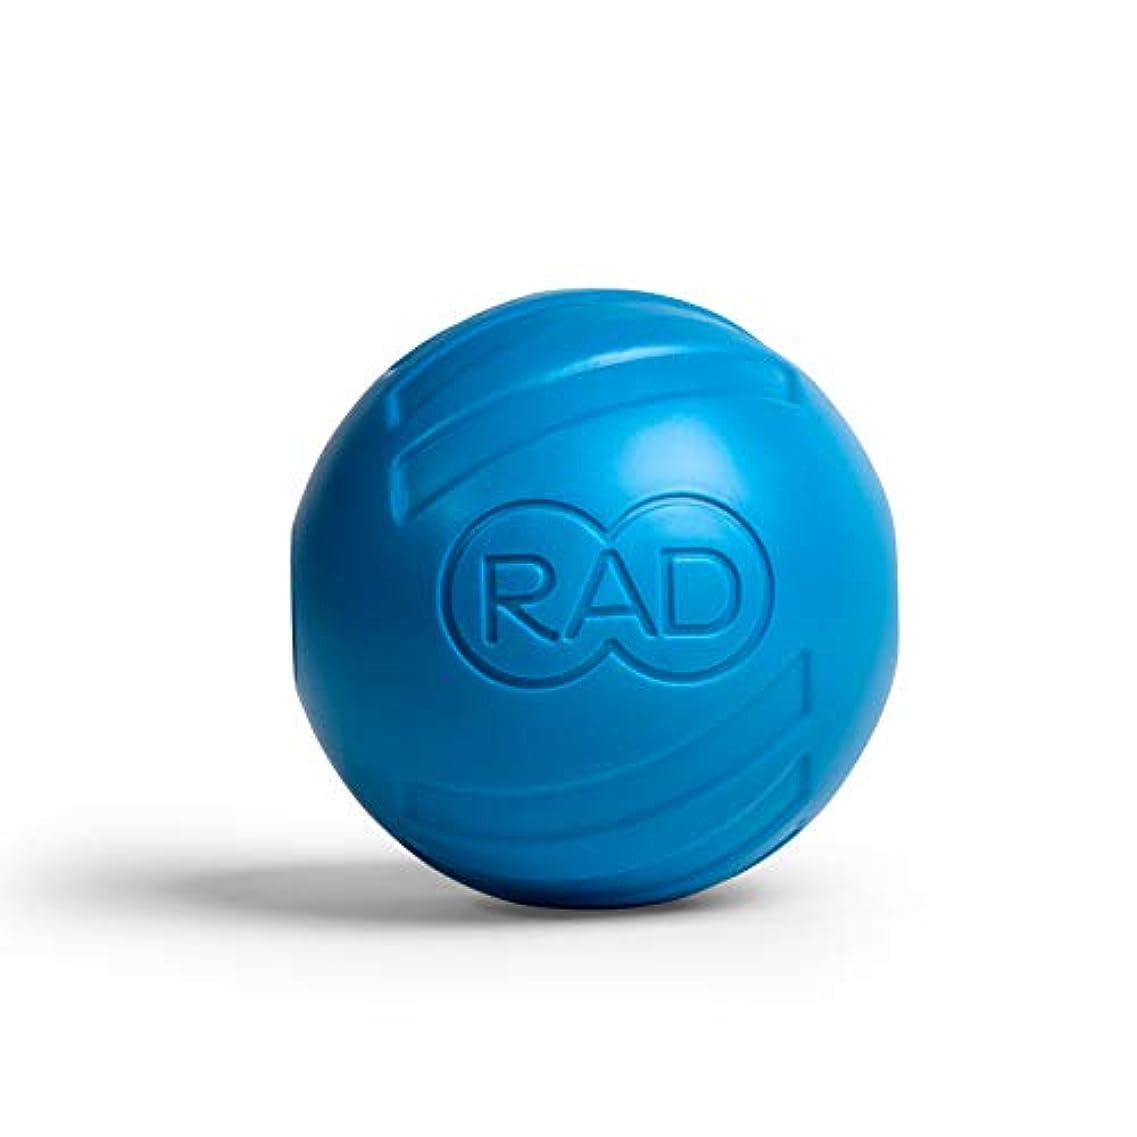 今晩薄いです岩RAD アトム 高密度筋膜リリースツール セルフマッサージで可動性と回復を促します